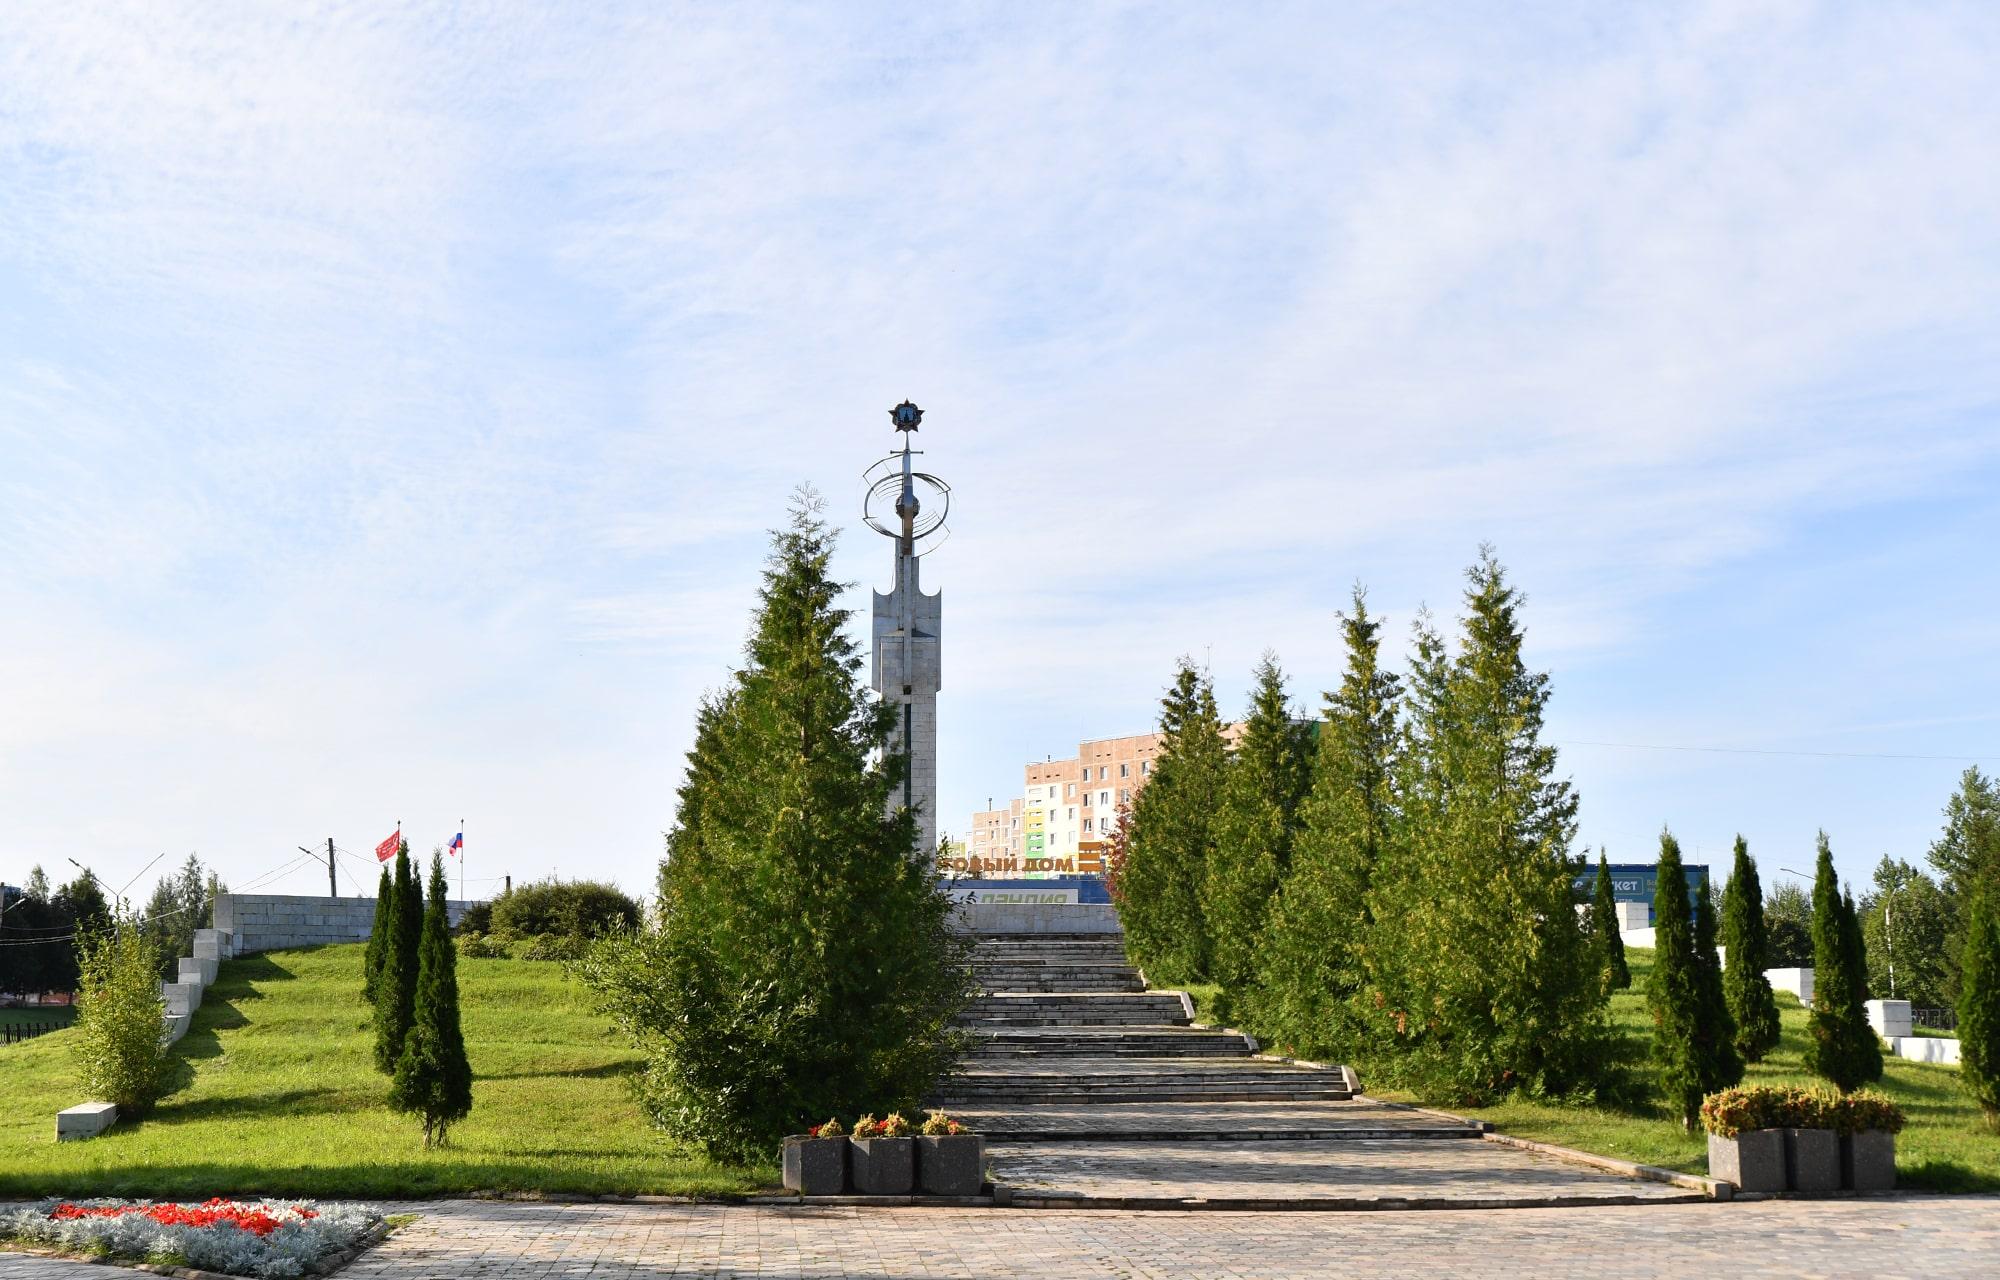 Губернатор Игорь Руденя возложил цветы к Обелиску Победы в Удомле